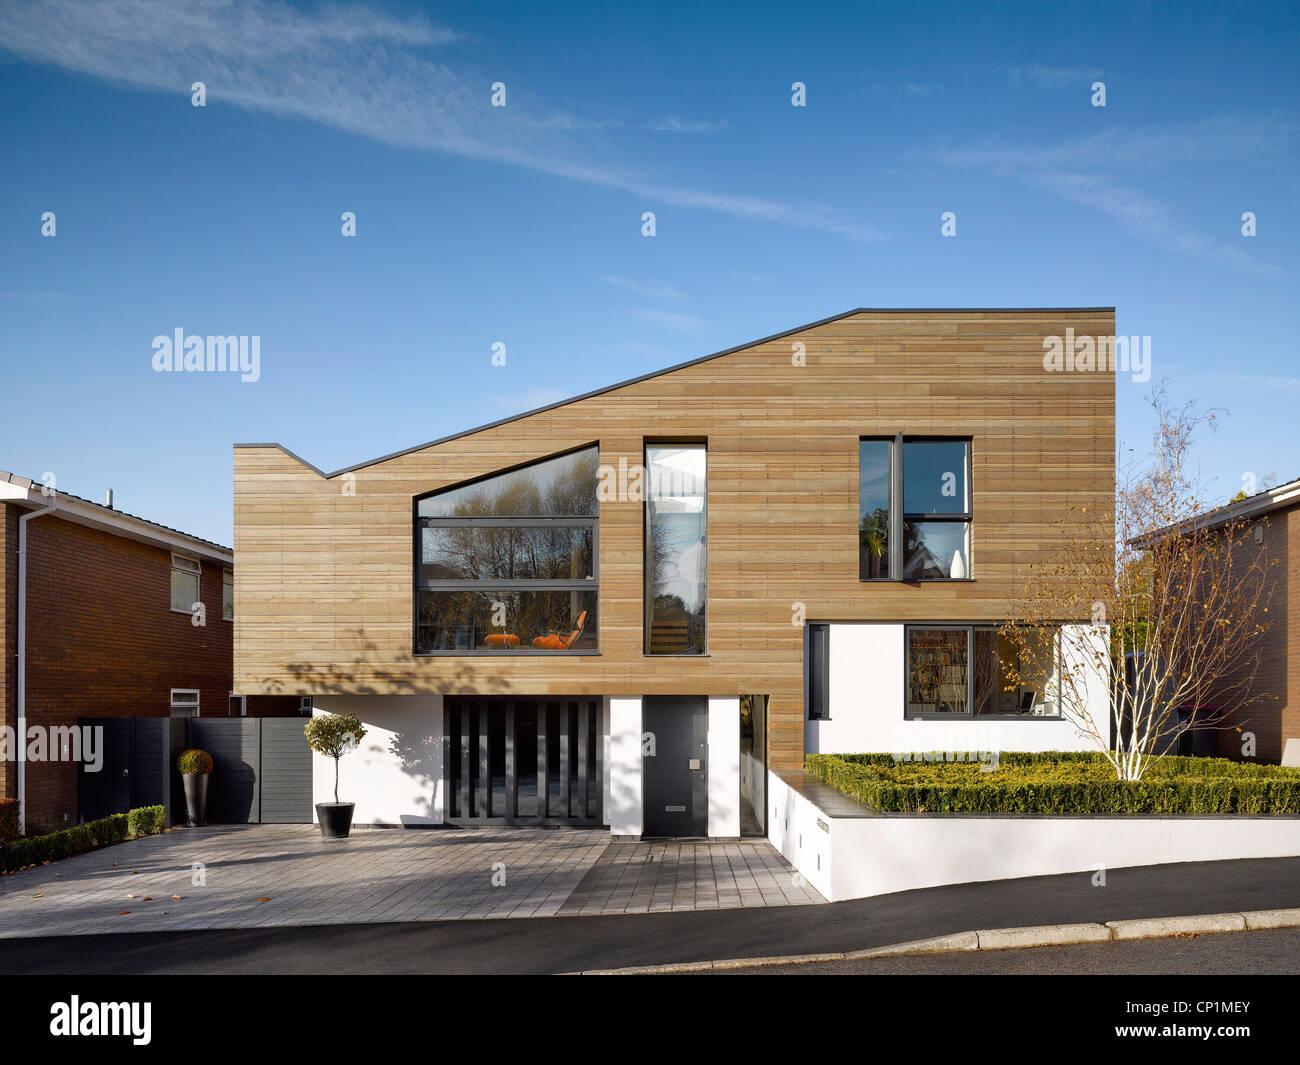 Rivestimento Casa In Legno rivestimento in legno e passo carraio dell'edificio esterno